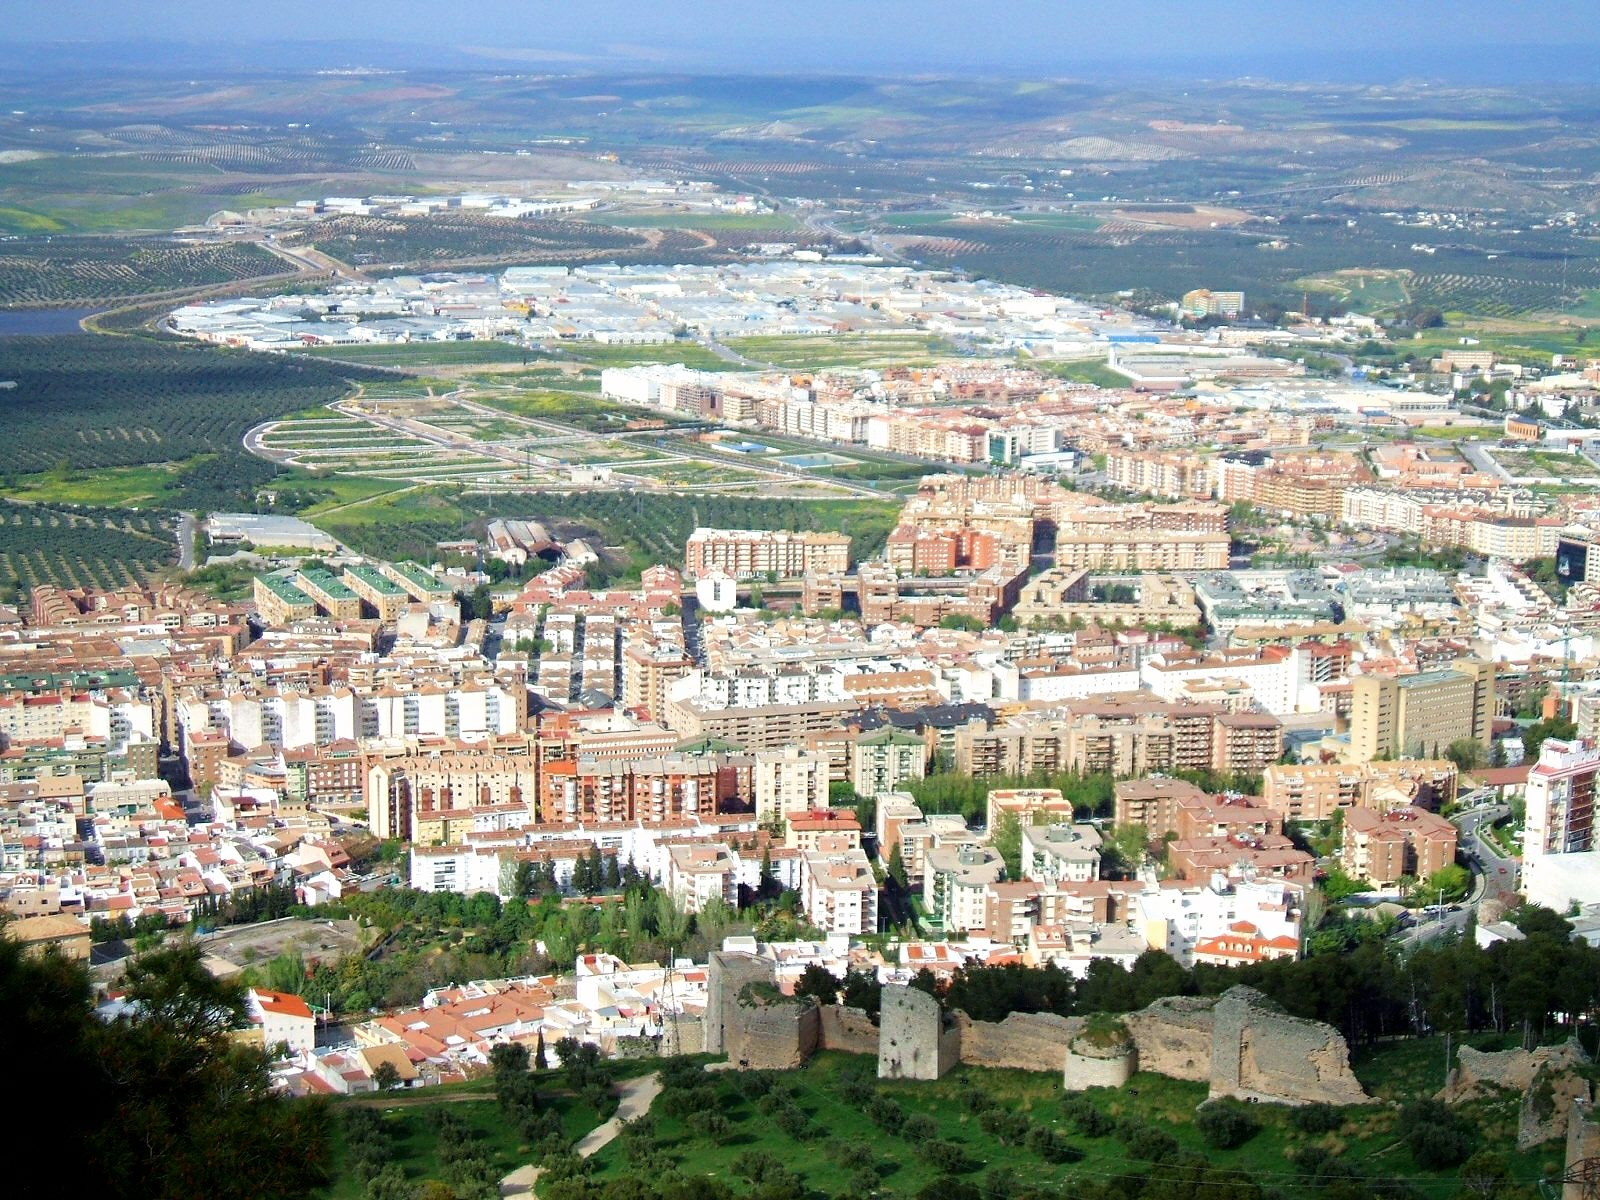 Archivo:Jaén - Castillo y Parador 07.jpg